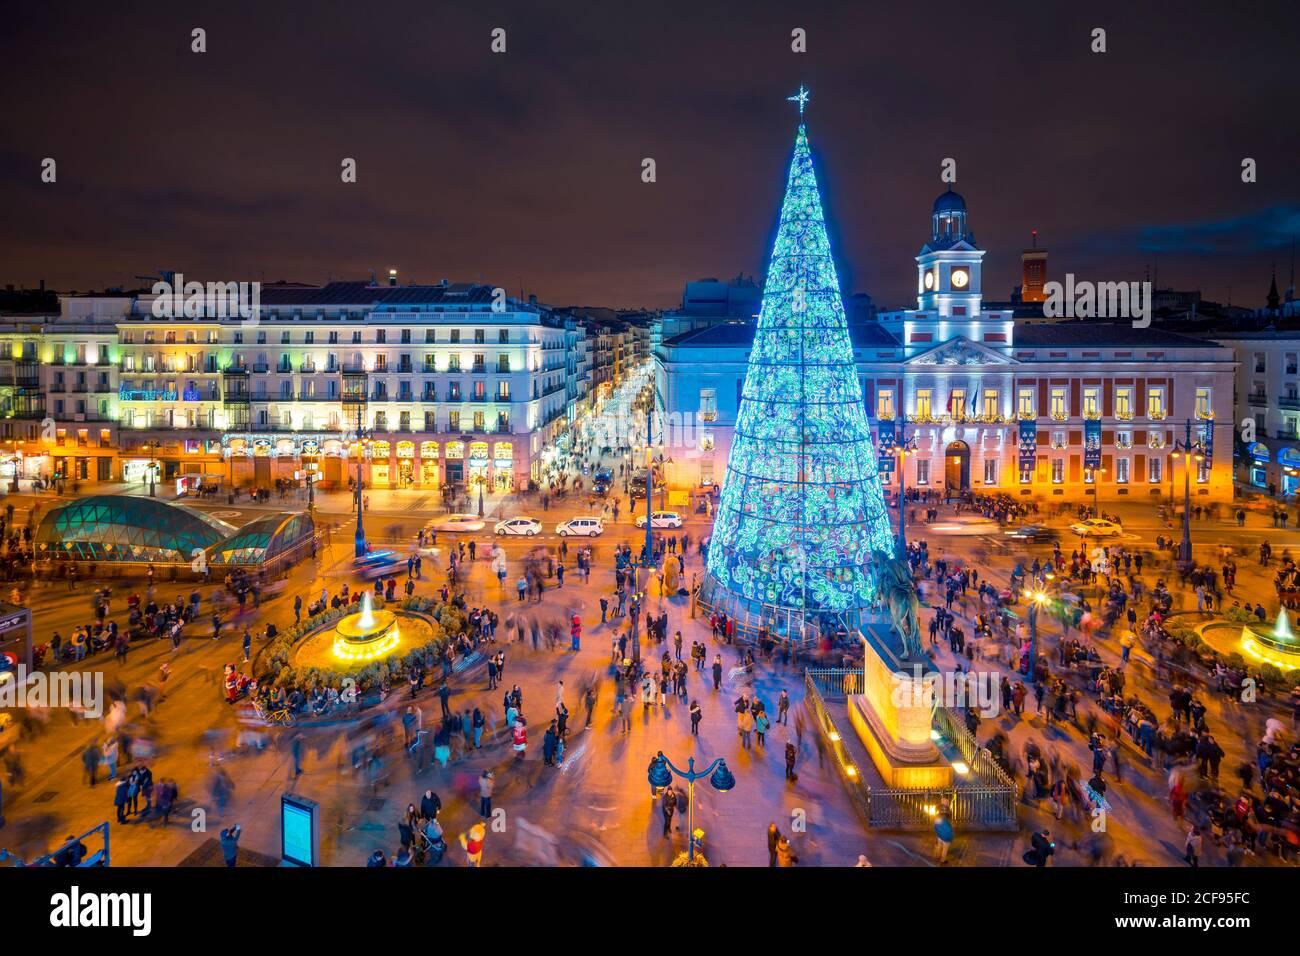 Madrid, España - 19 de diciembre de 2018: Gente disfrutando de la noche de invierno en la plaza de la ciudad Puerta del Sol con árbol de Navidad alto y luminoso decorado con luces azules y edificios iluminados Foto de stock